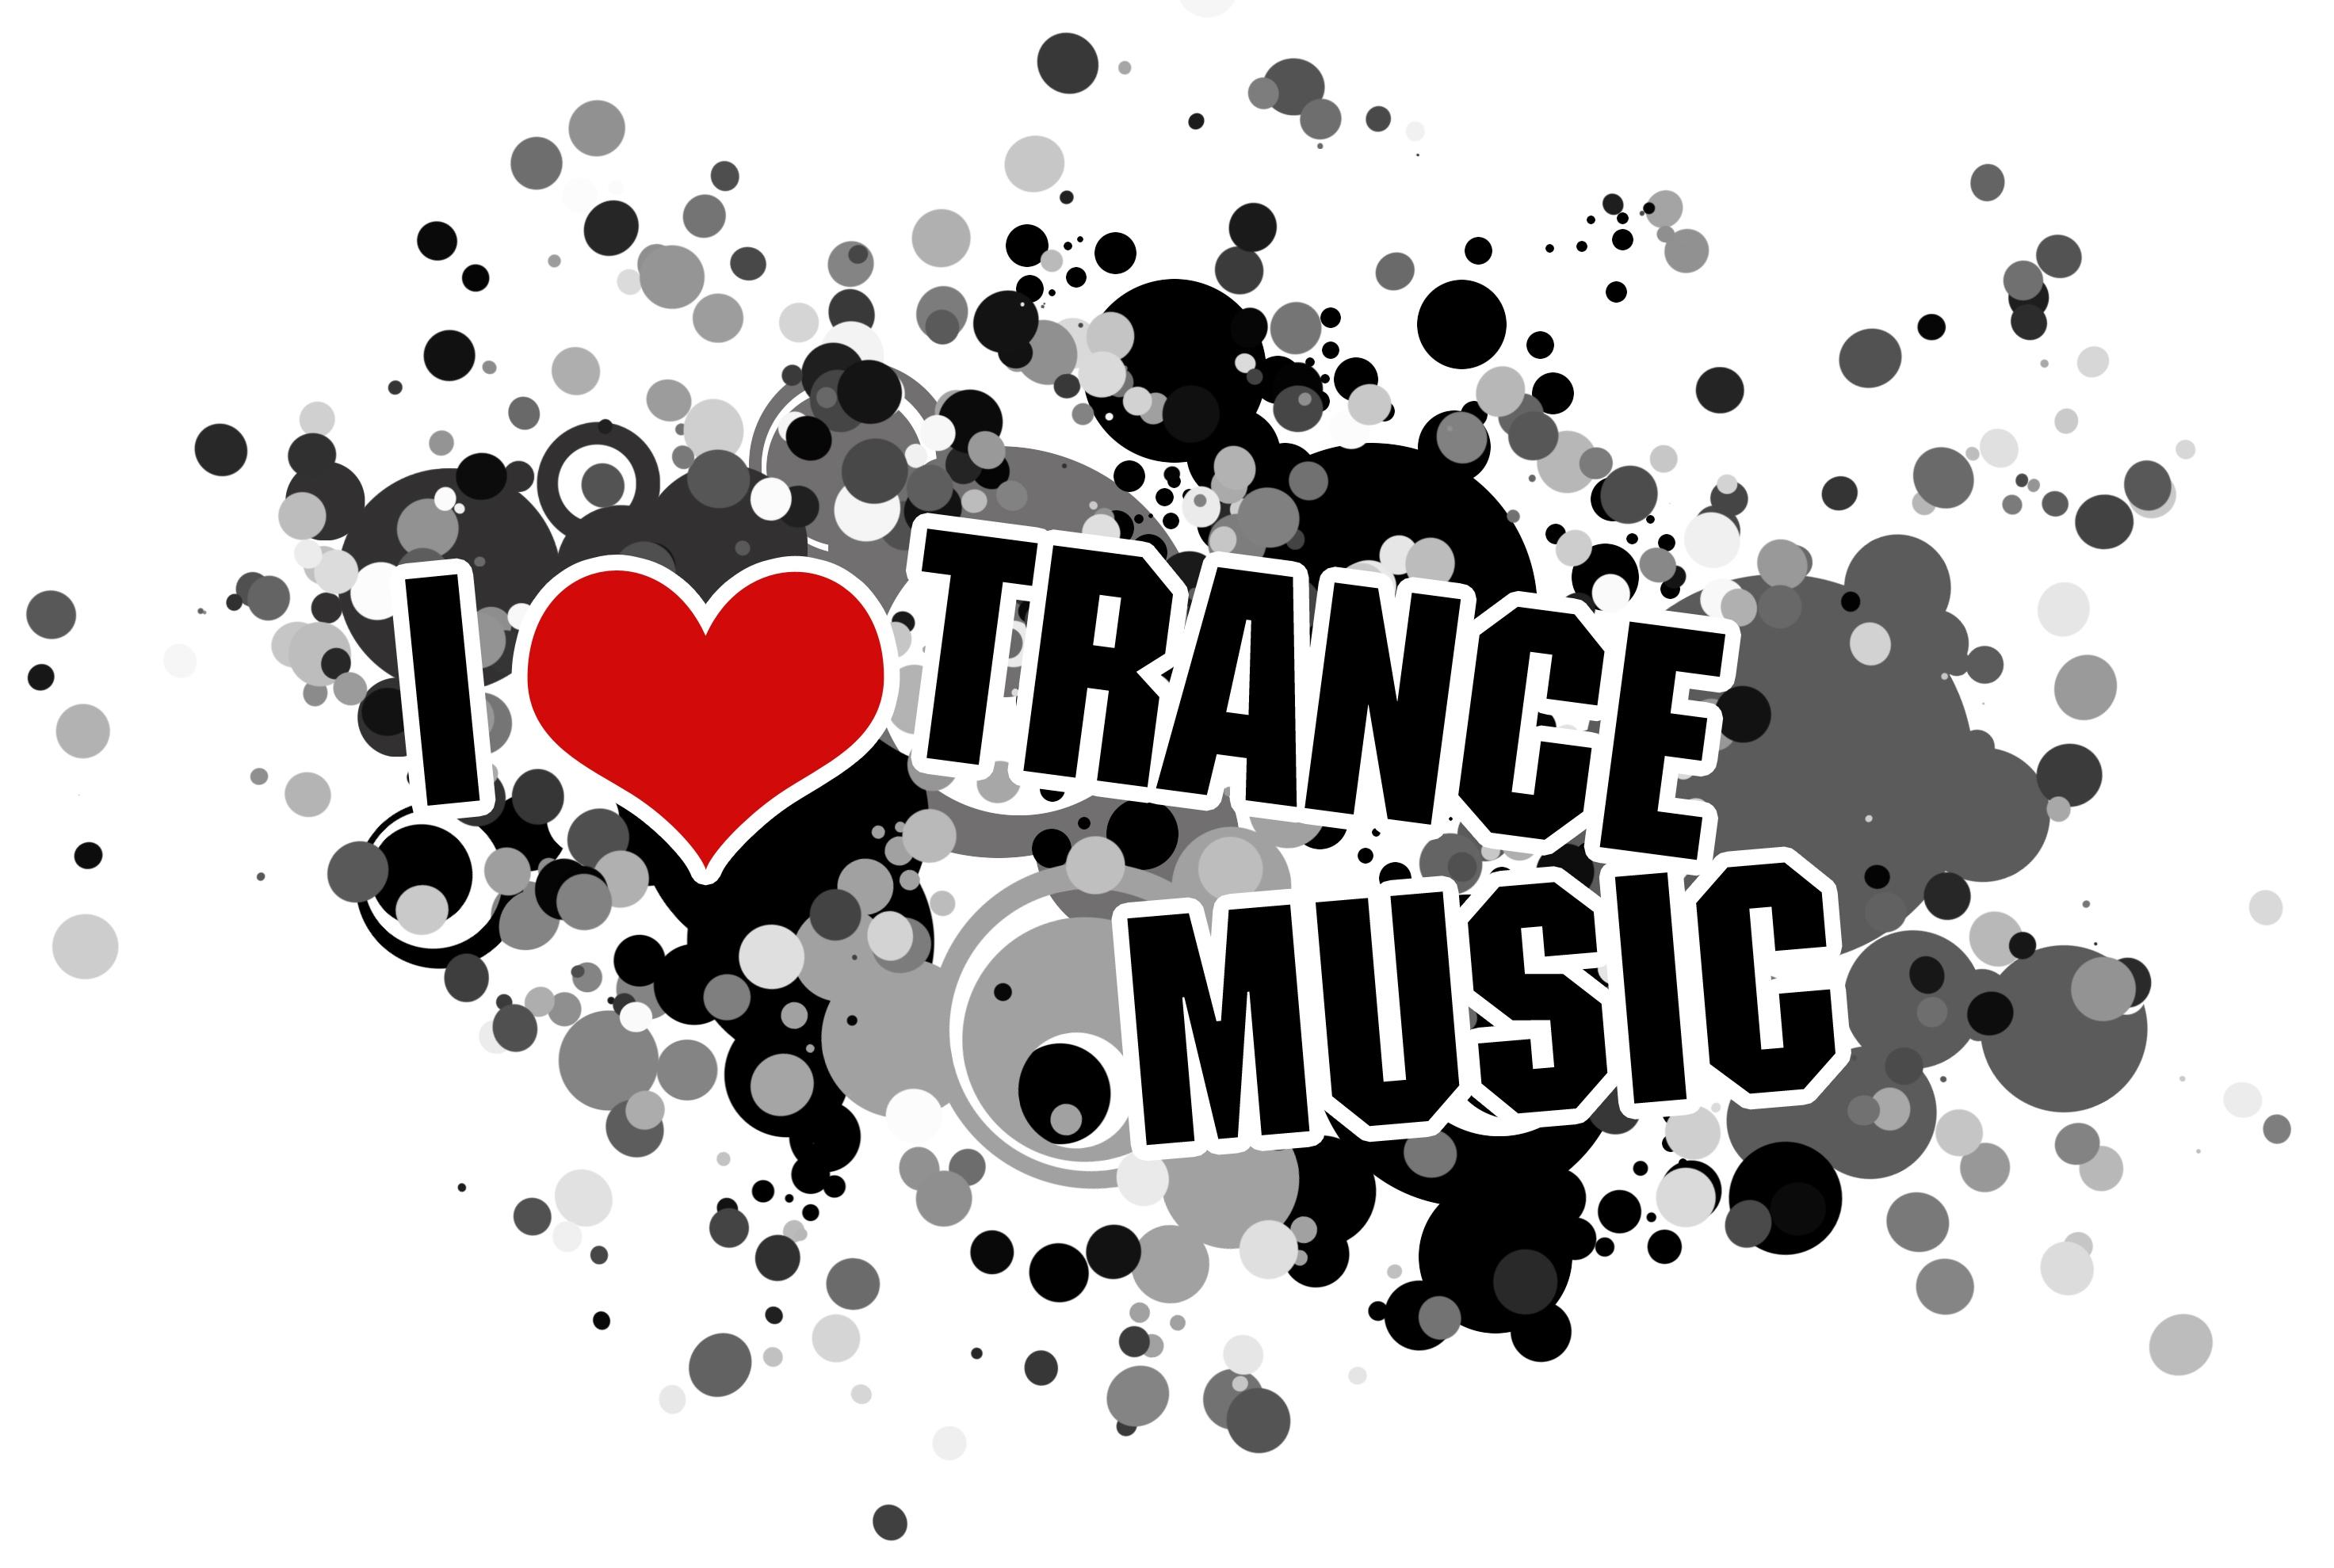 các thể loại nhạc trance